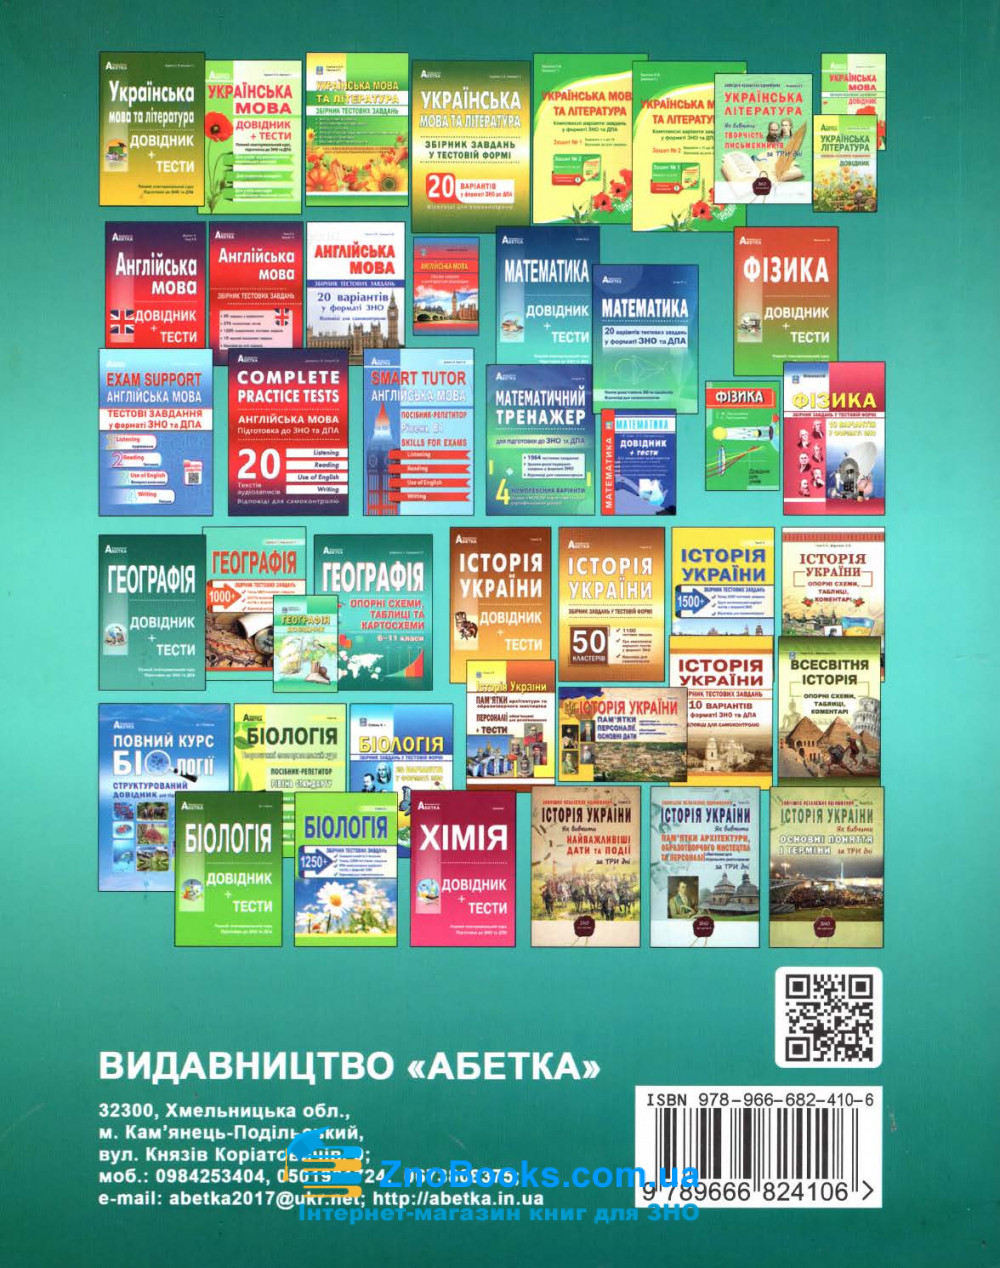 Опорні схеми, таблиці та картосхеми з географії до ЗНО : Кобернік С., Коваленко Р. купити 11